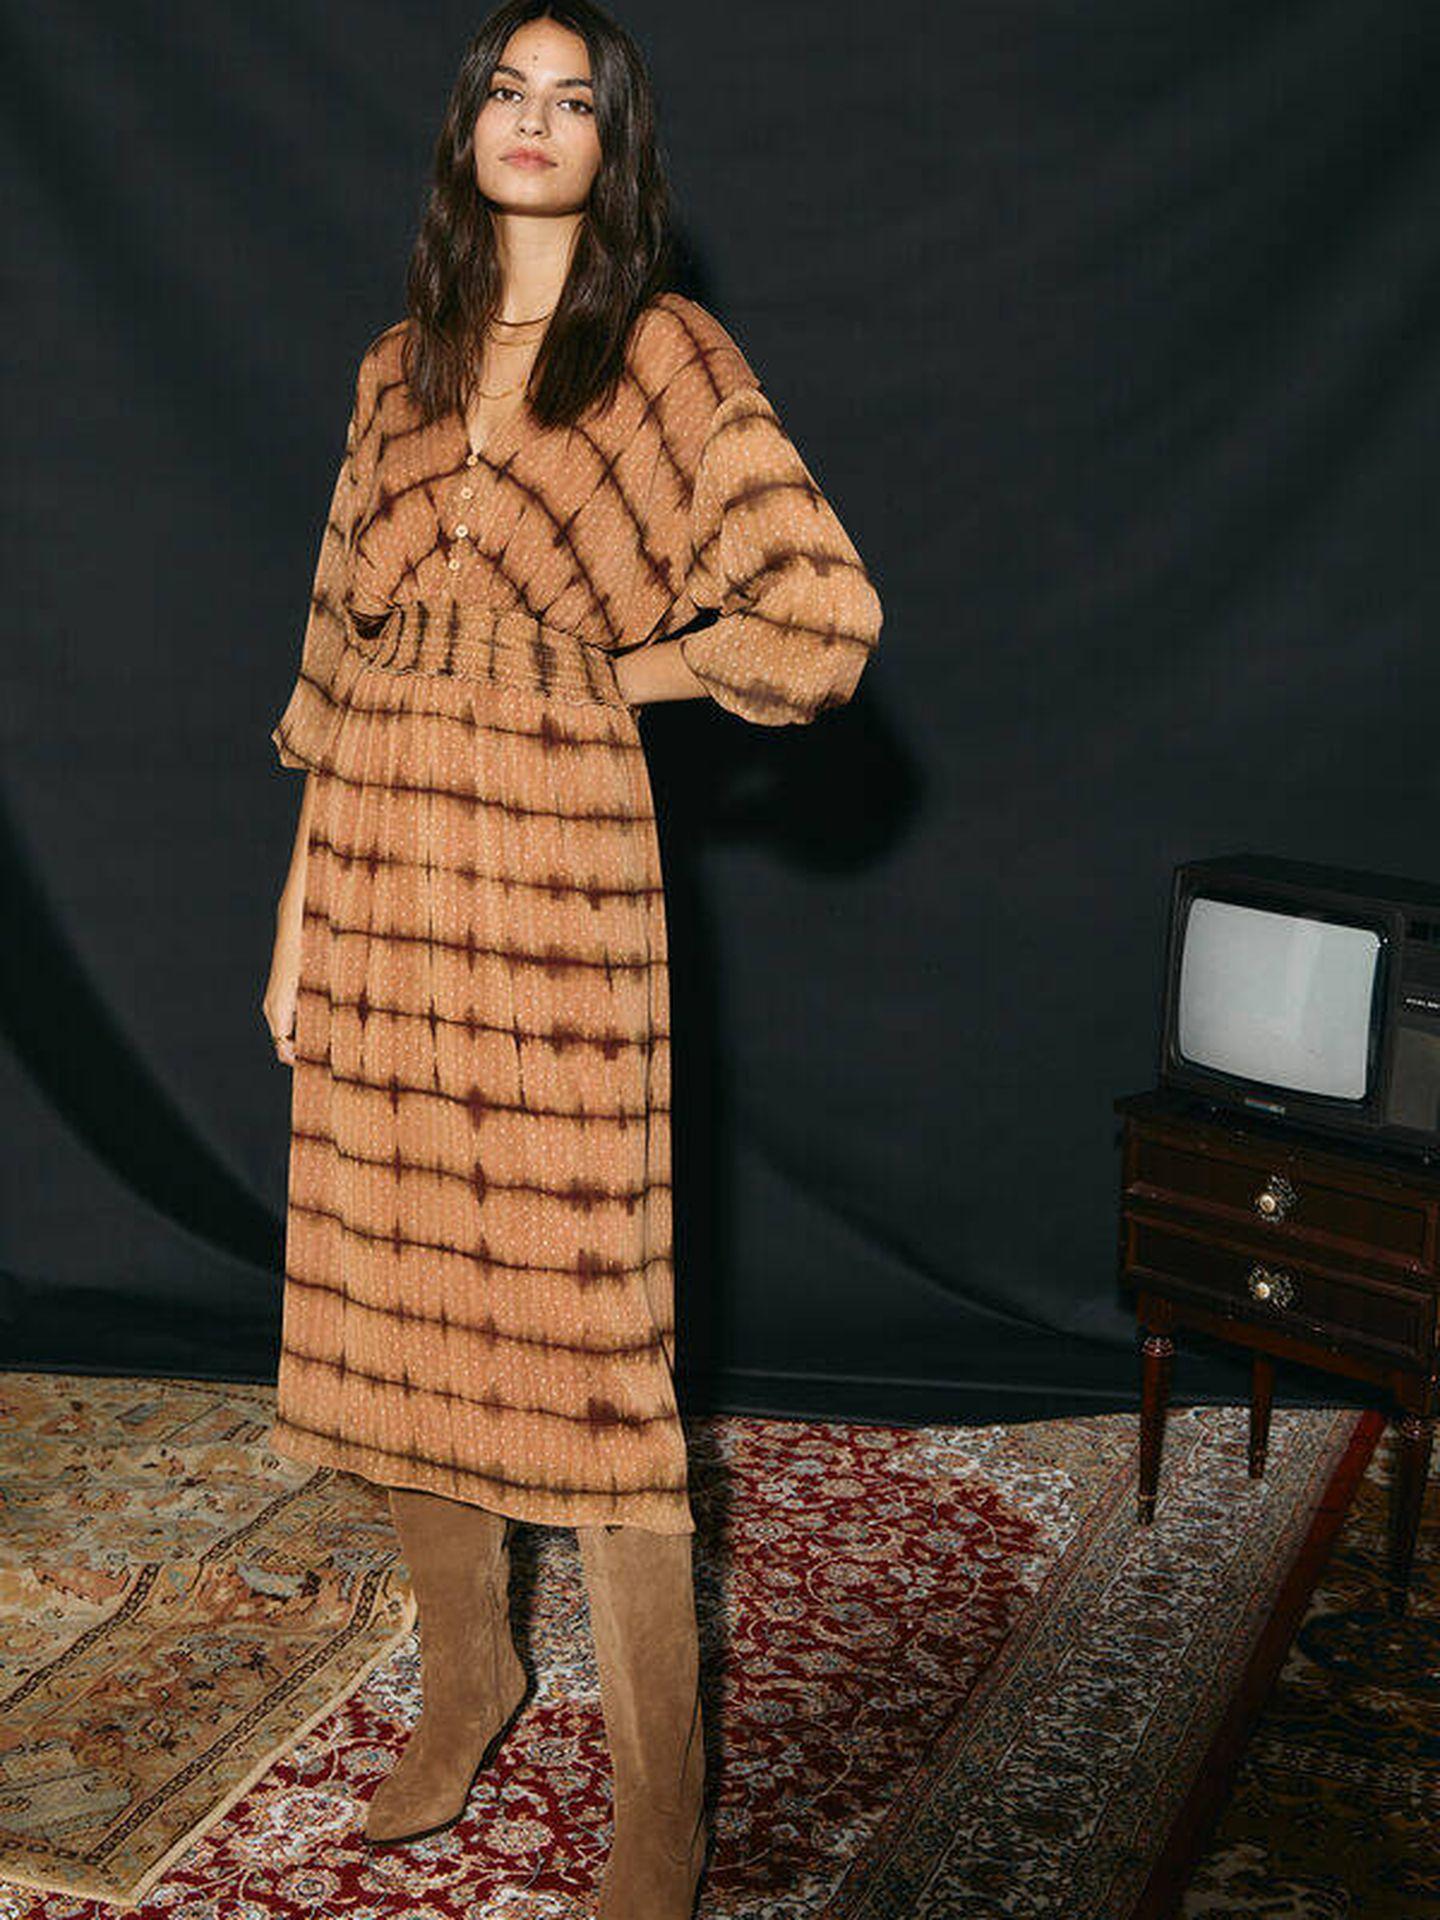 Vestido estampado a la venta en Sfera. (Cortesía)